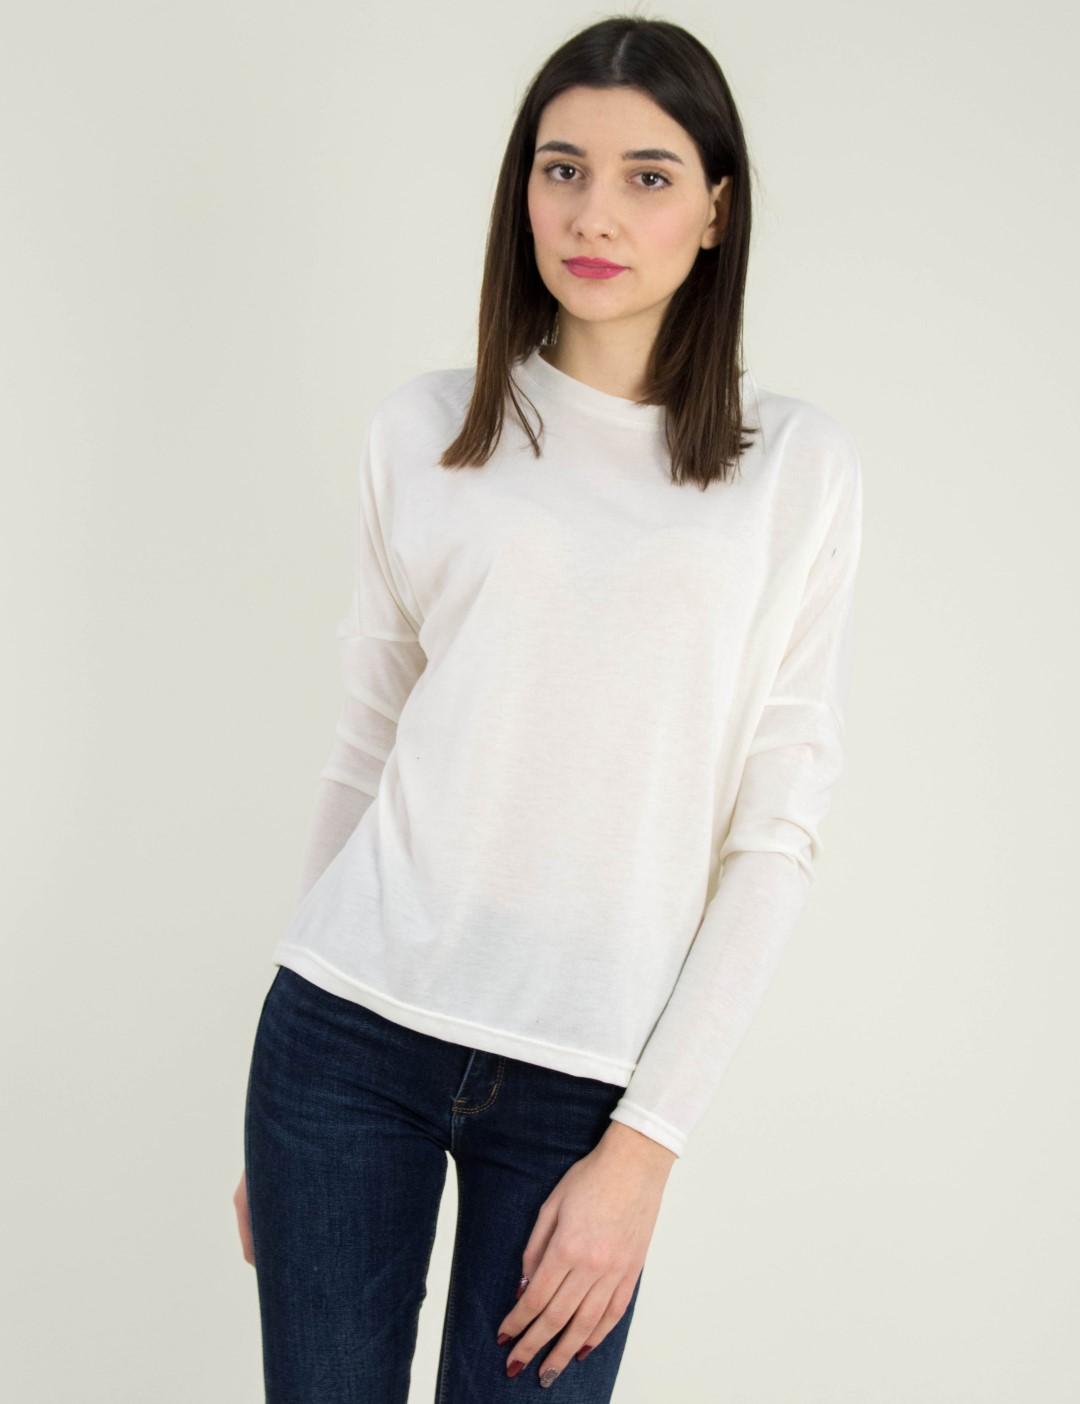 6d8309b8f5fe Γυναικεία λευκή μακρυμάνικη μπλούζα μονόχρωμη 568971L